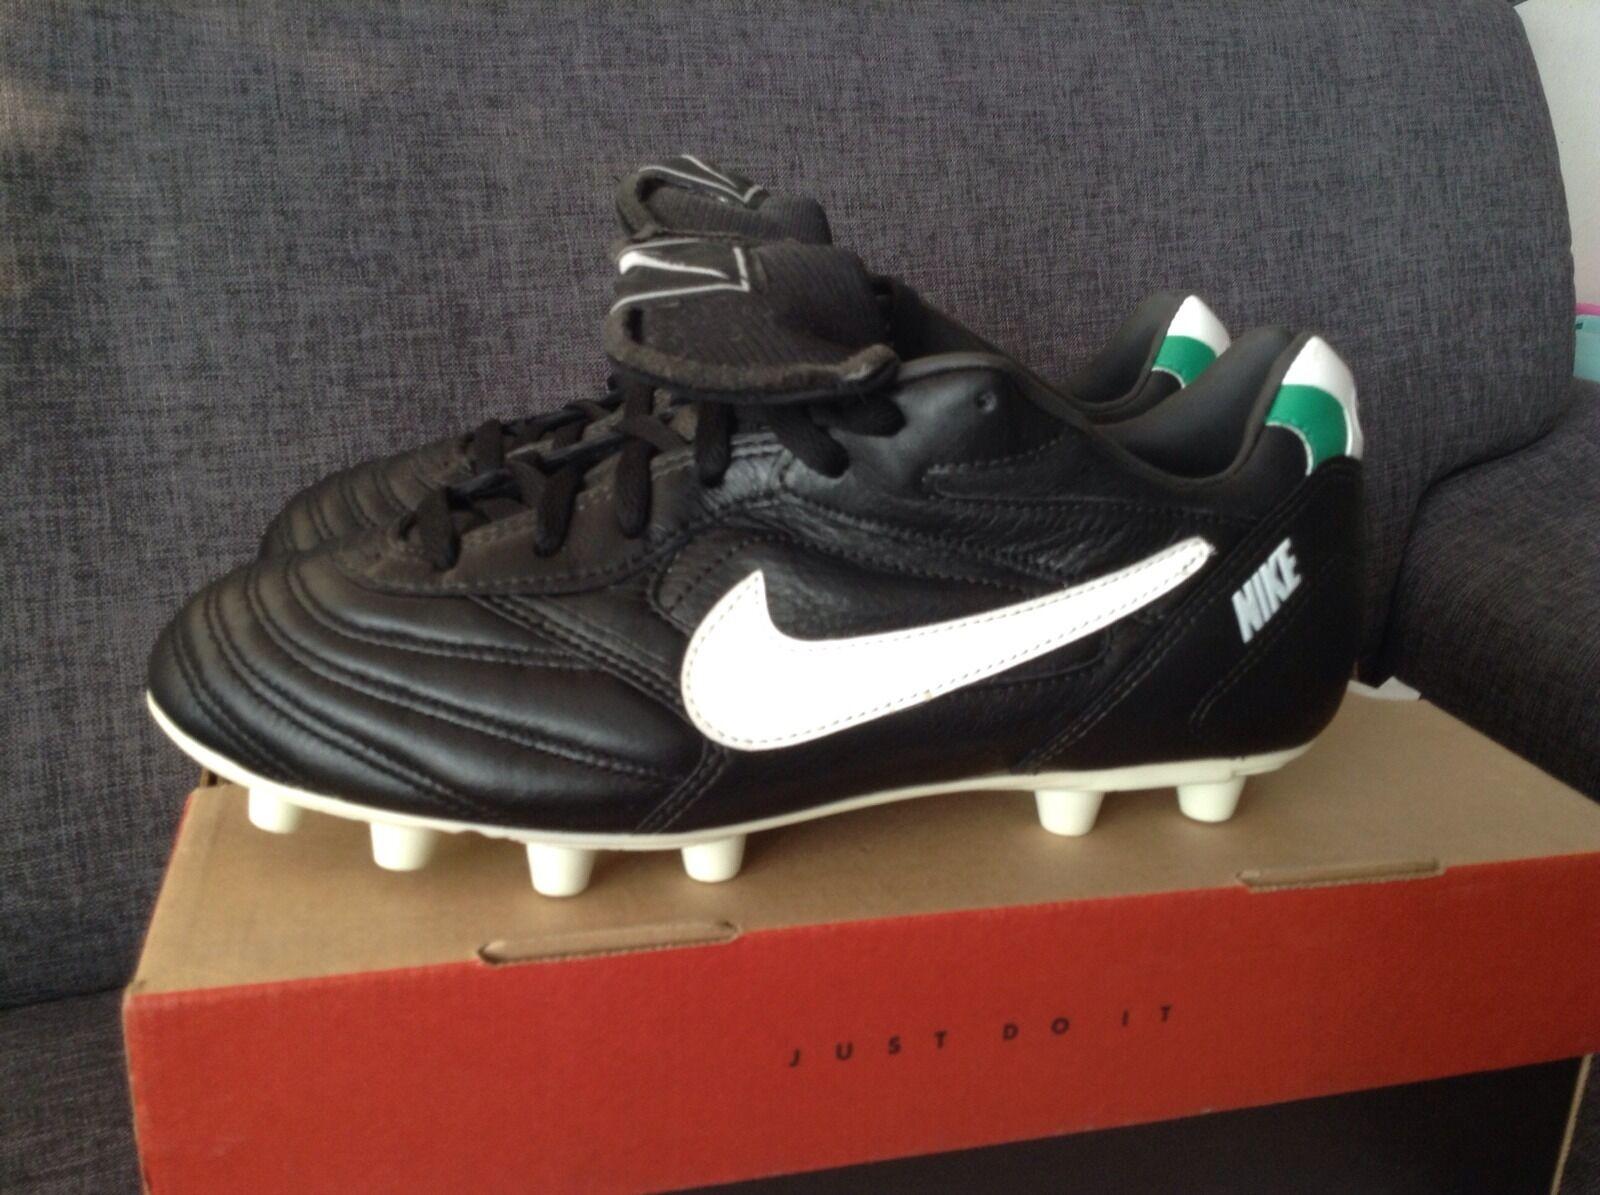 Nike Eurostrike M Vintage Deadstock Football boots soccer Ronaldo r9